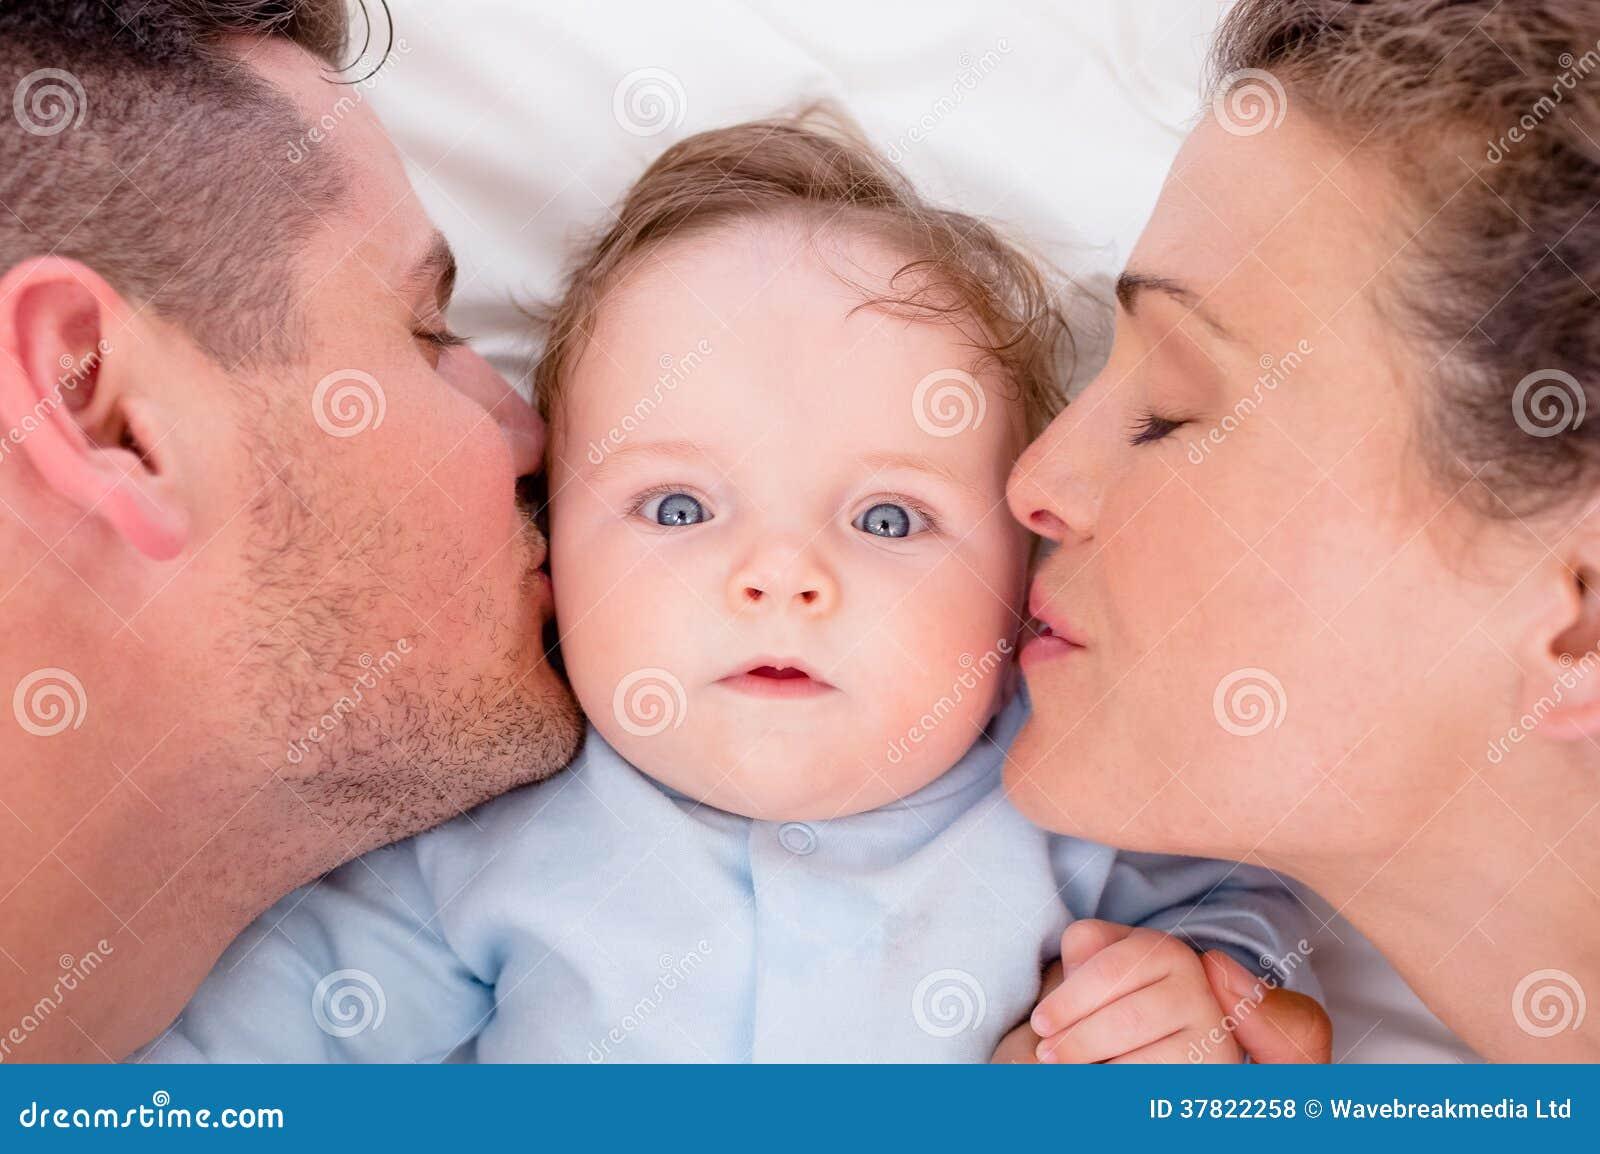 Сын и мать любовники в тайне от отца, Сын и мама в тайне о отца стали Любовниками 27 фотография